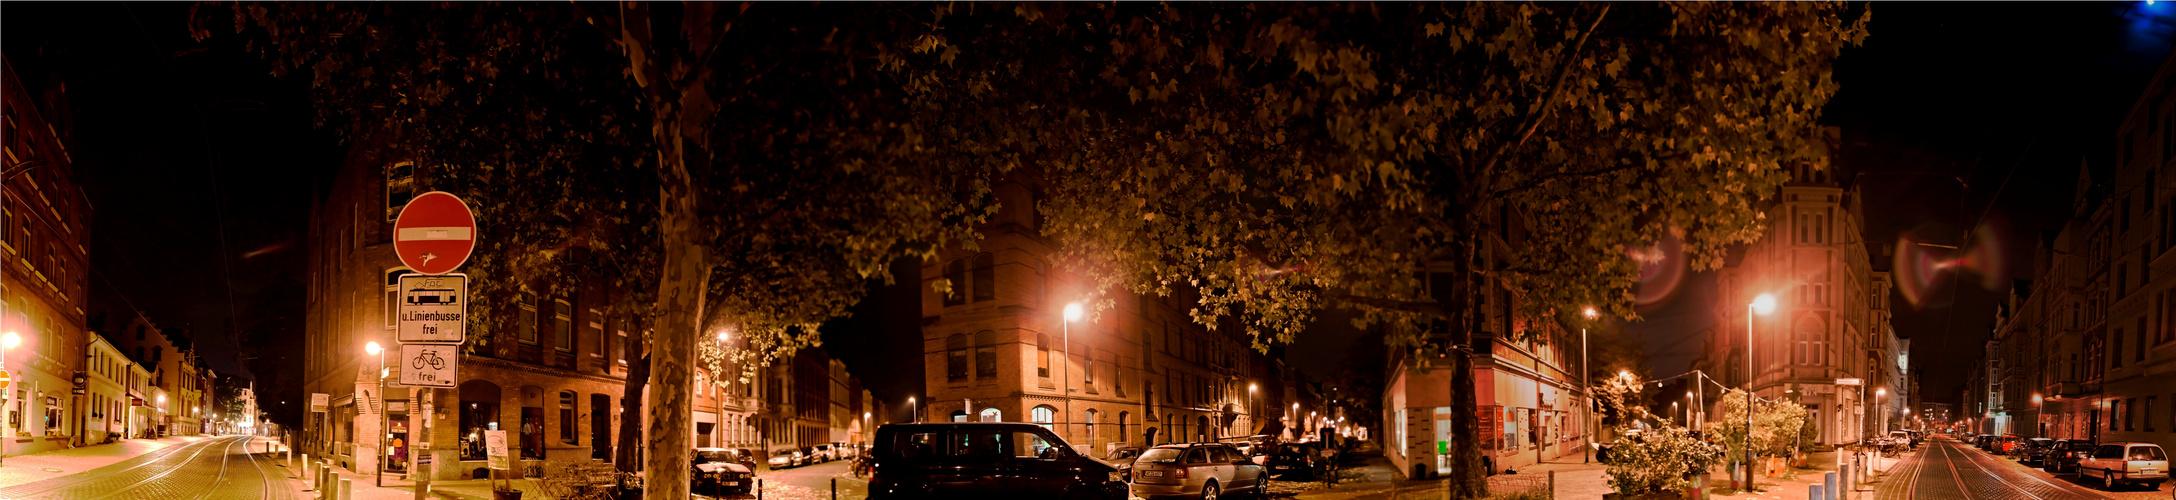 Pariser Platz in Linden